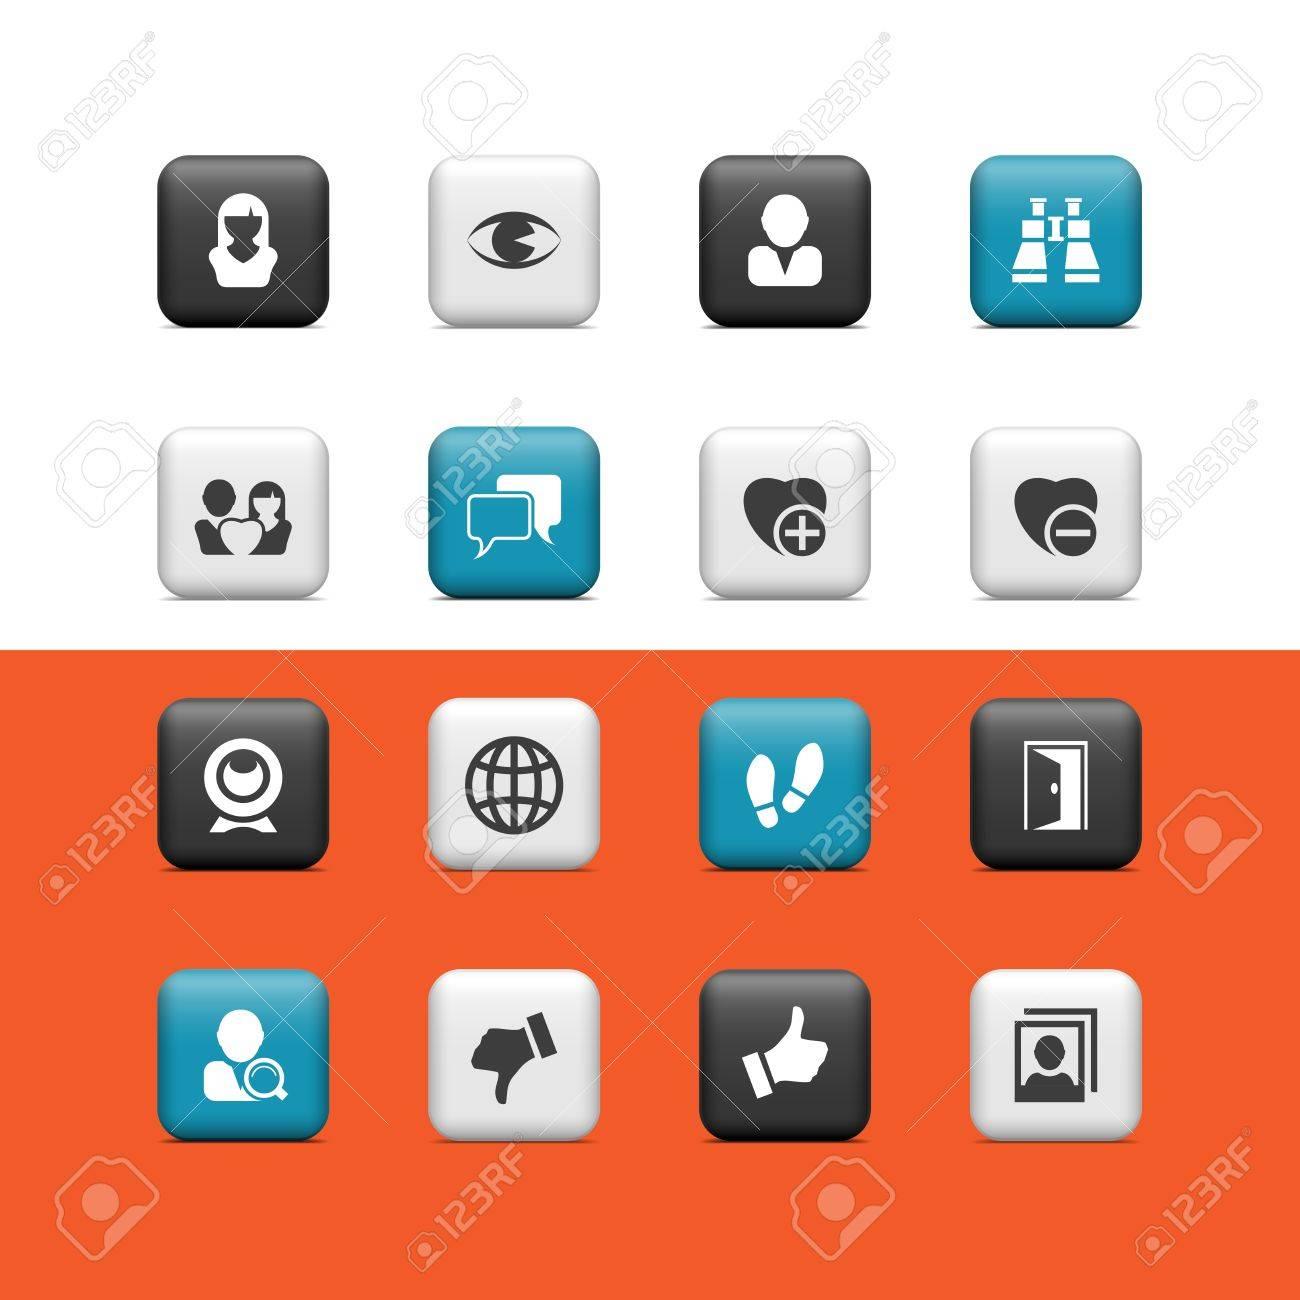 Social buttons Stock Vector - 15445640